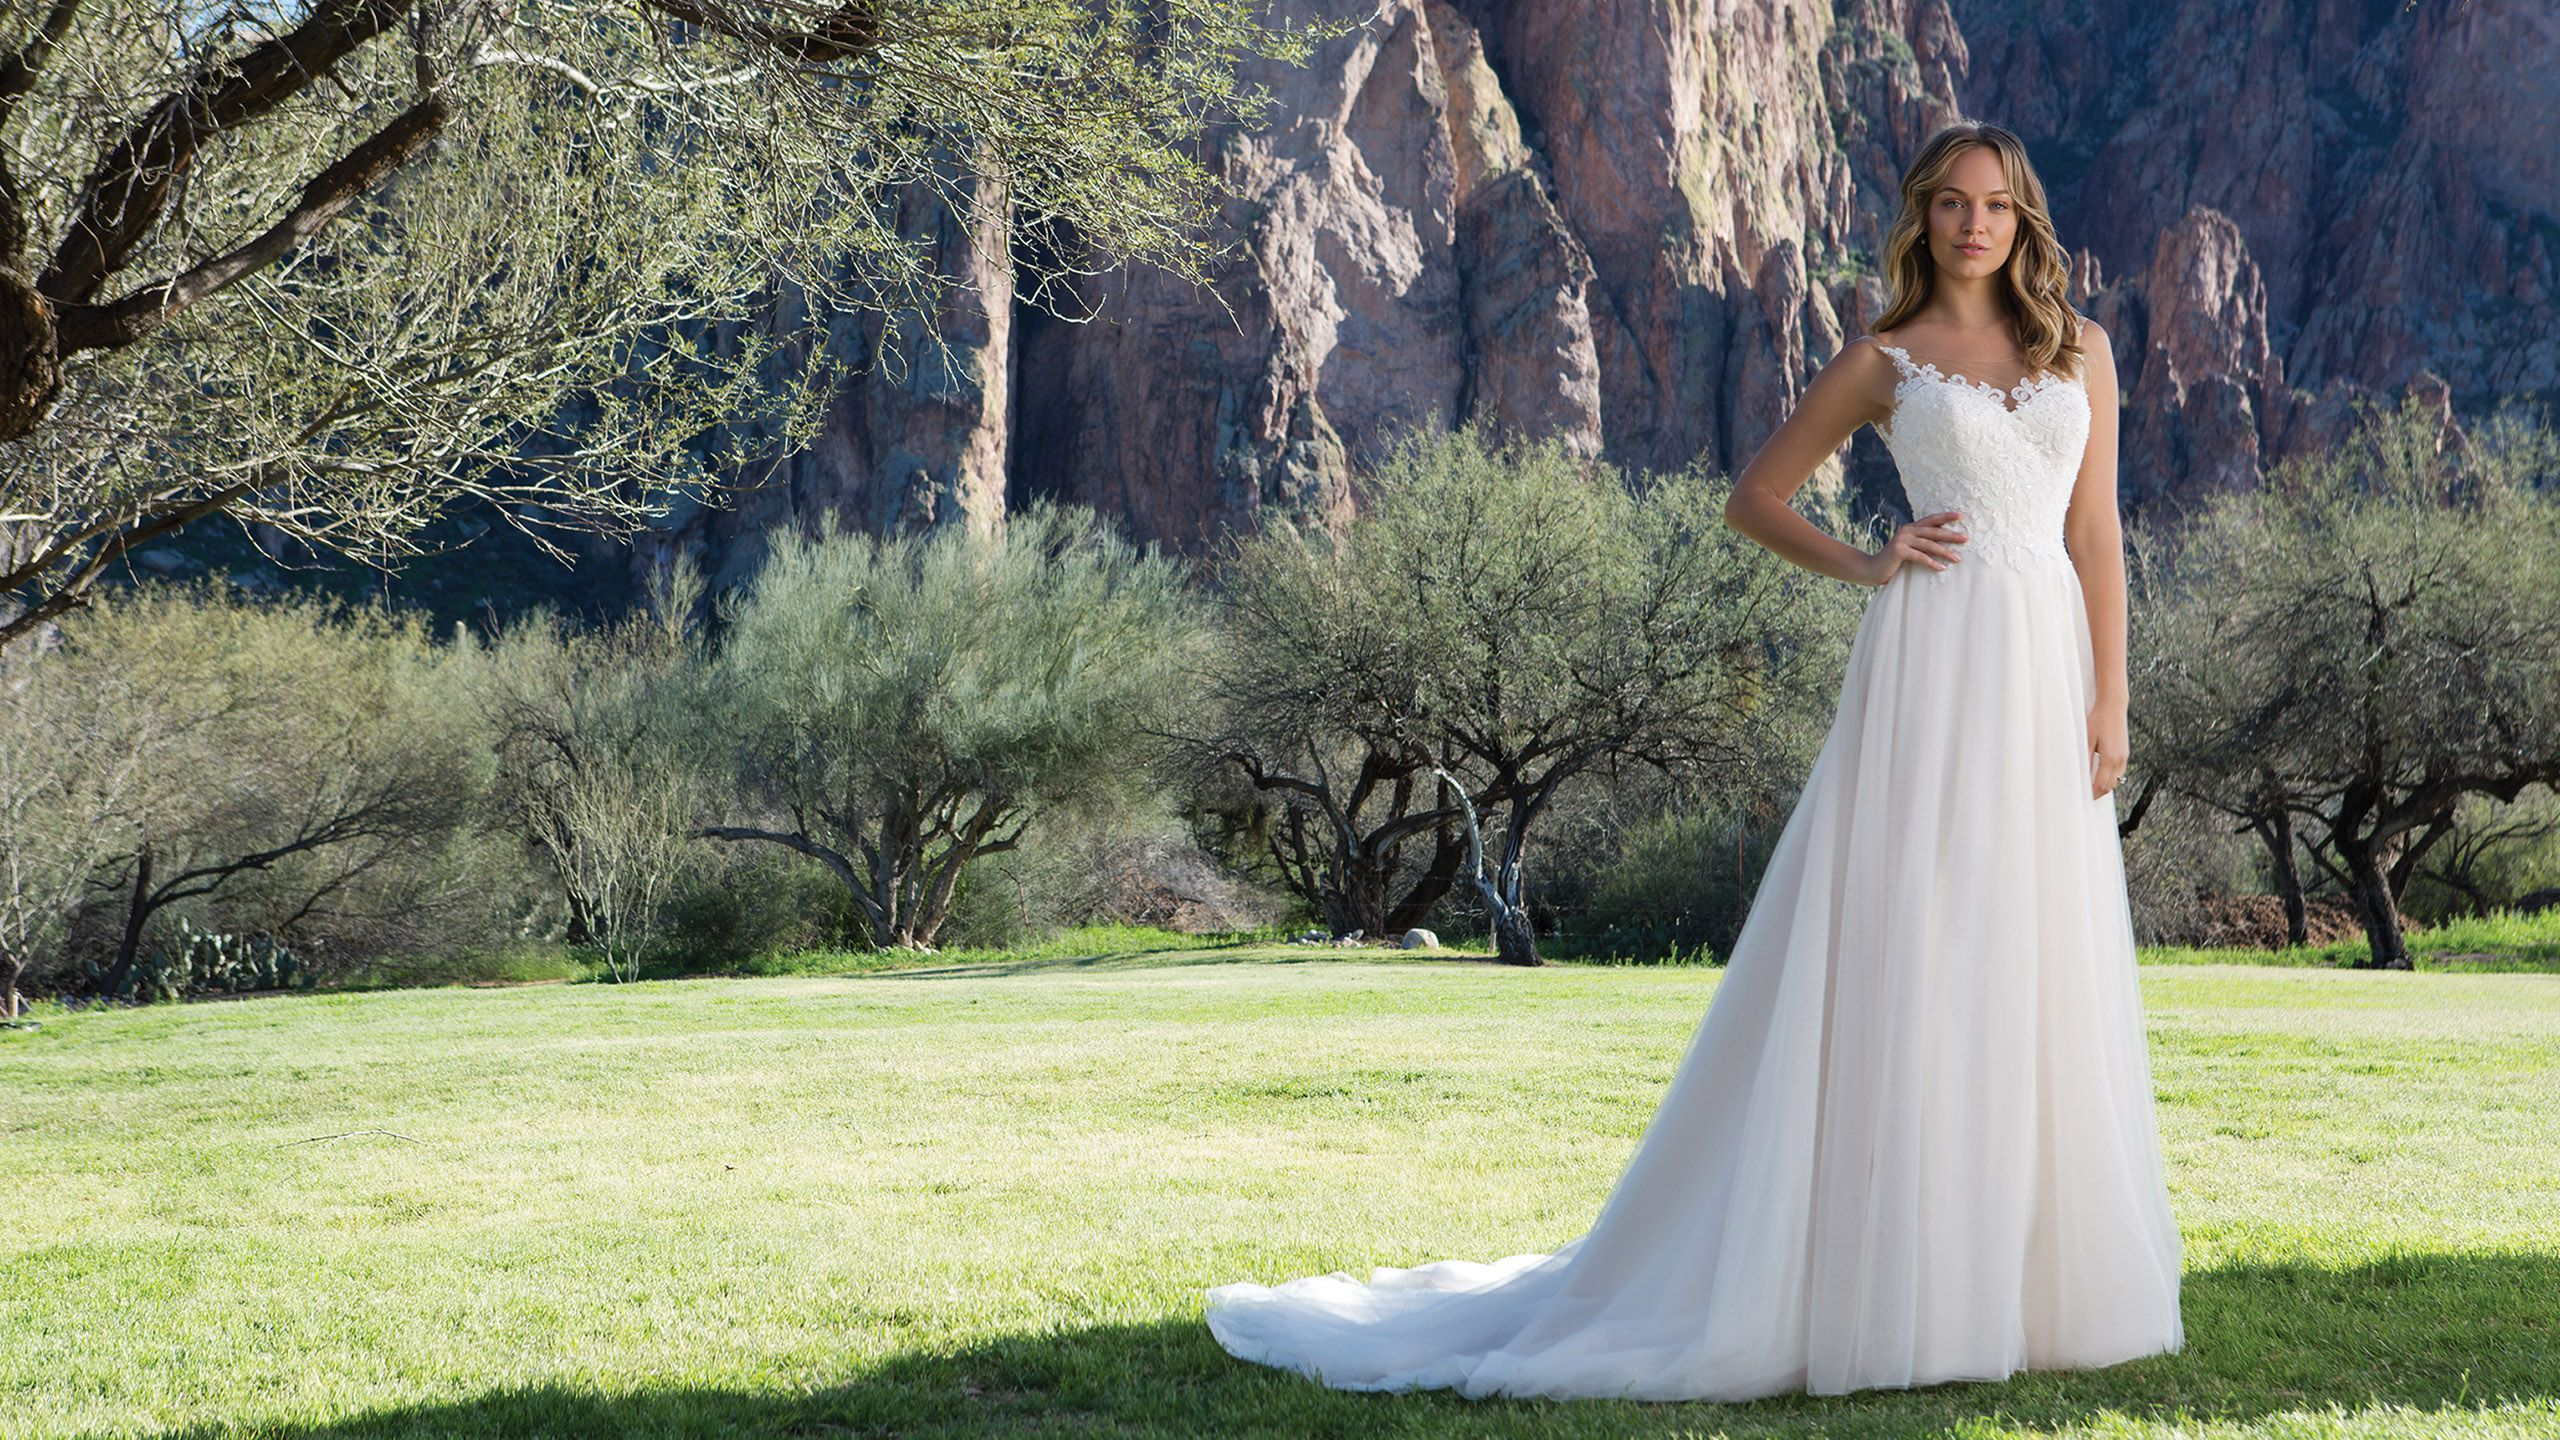 - Модель 1150: Платье А-силуэта из тюля с глубоким круглым вырезом на груди, отделанным кружевом